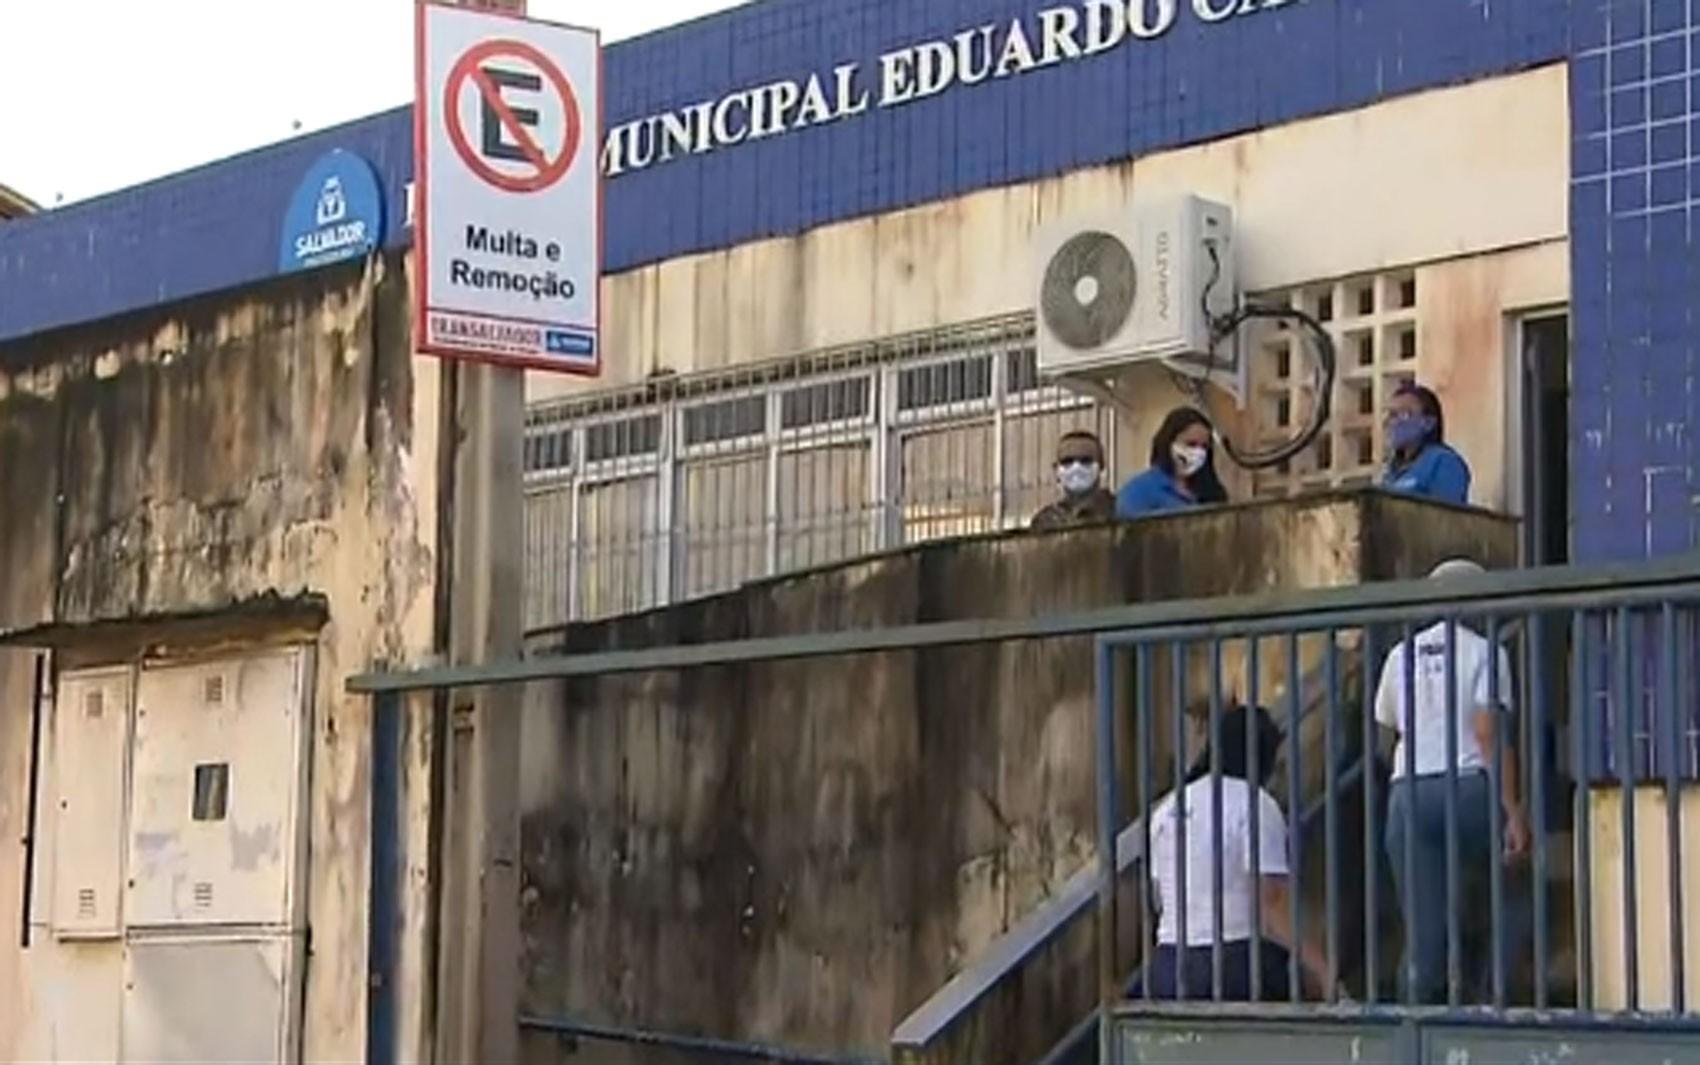 Após prefeito anunciar aulas presenciais nas escolas municipais de Salvador, sindicato reclama que não foi consultado